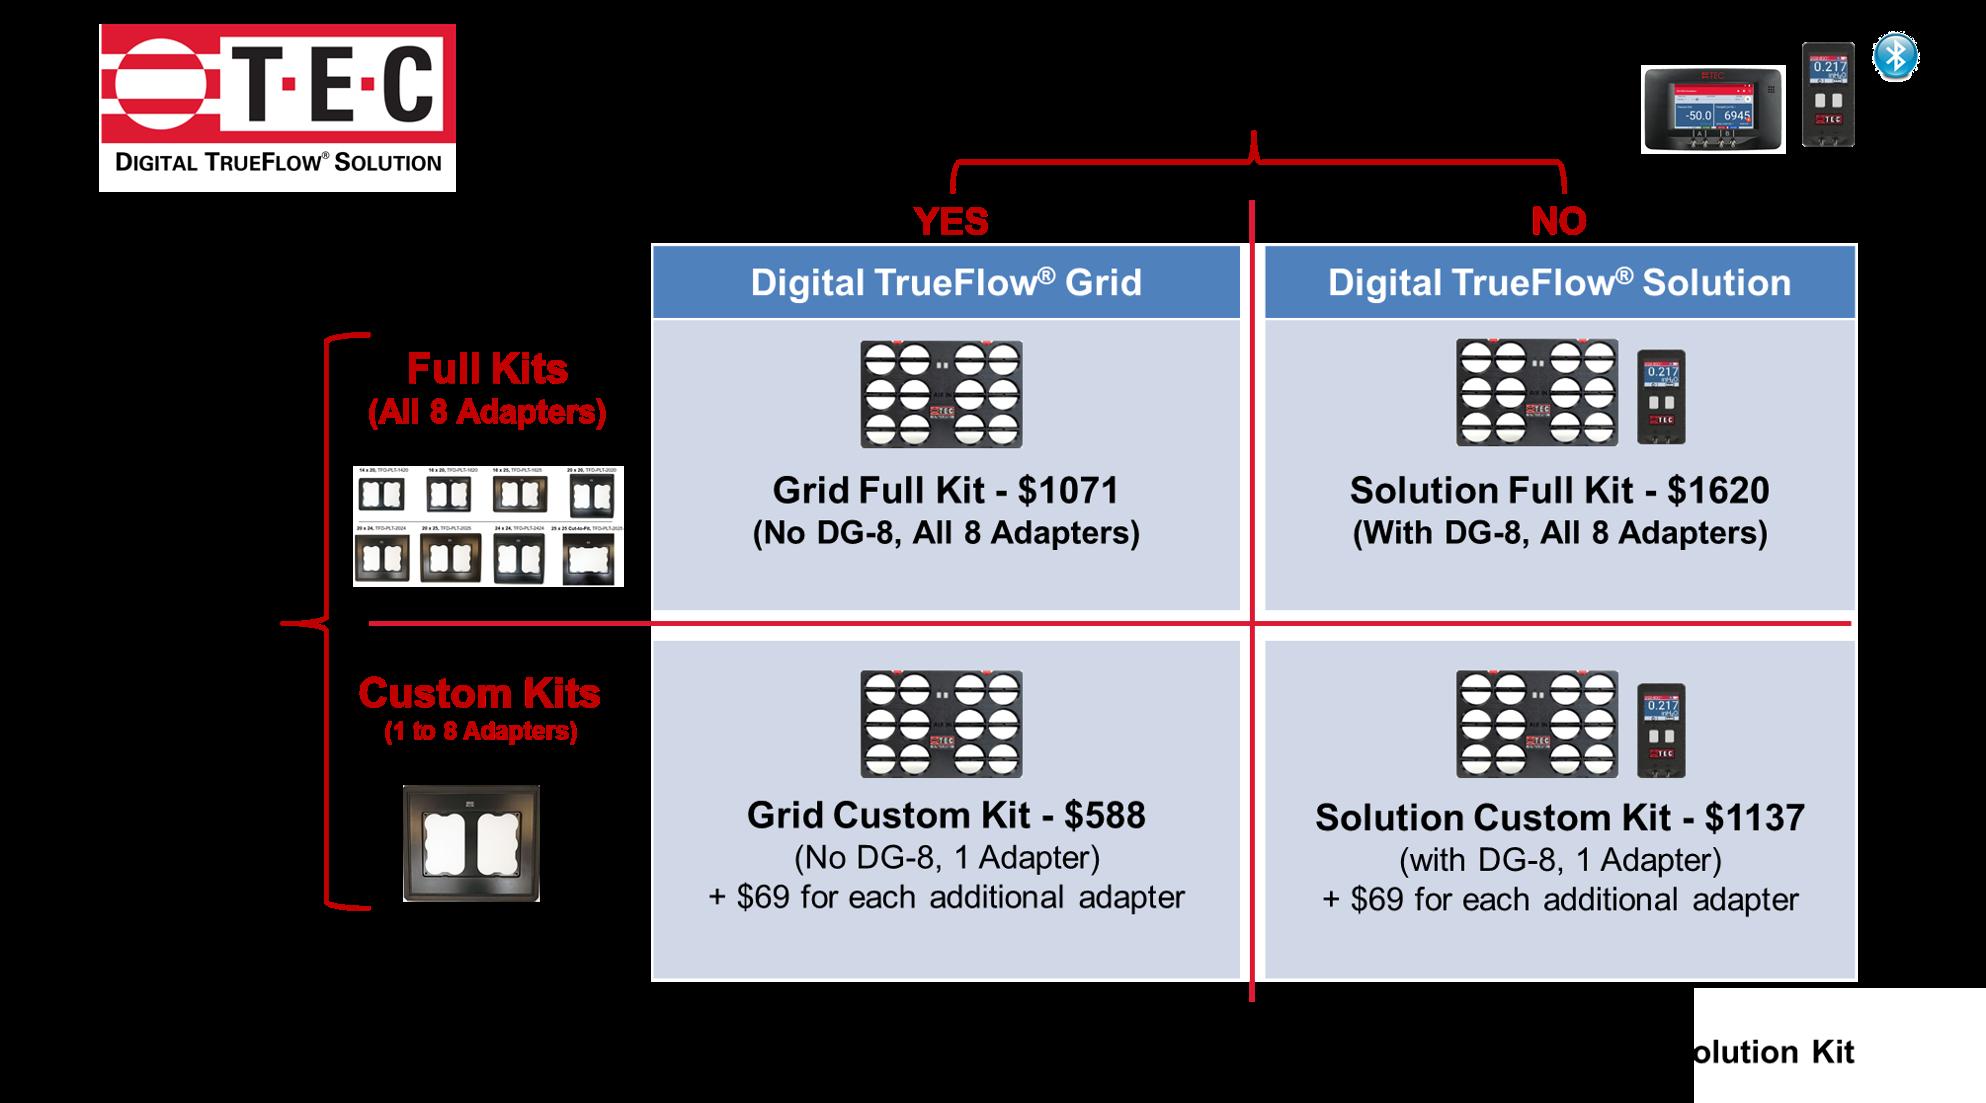 Selecting Digital TrueFlow Kit